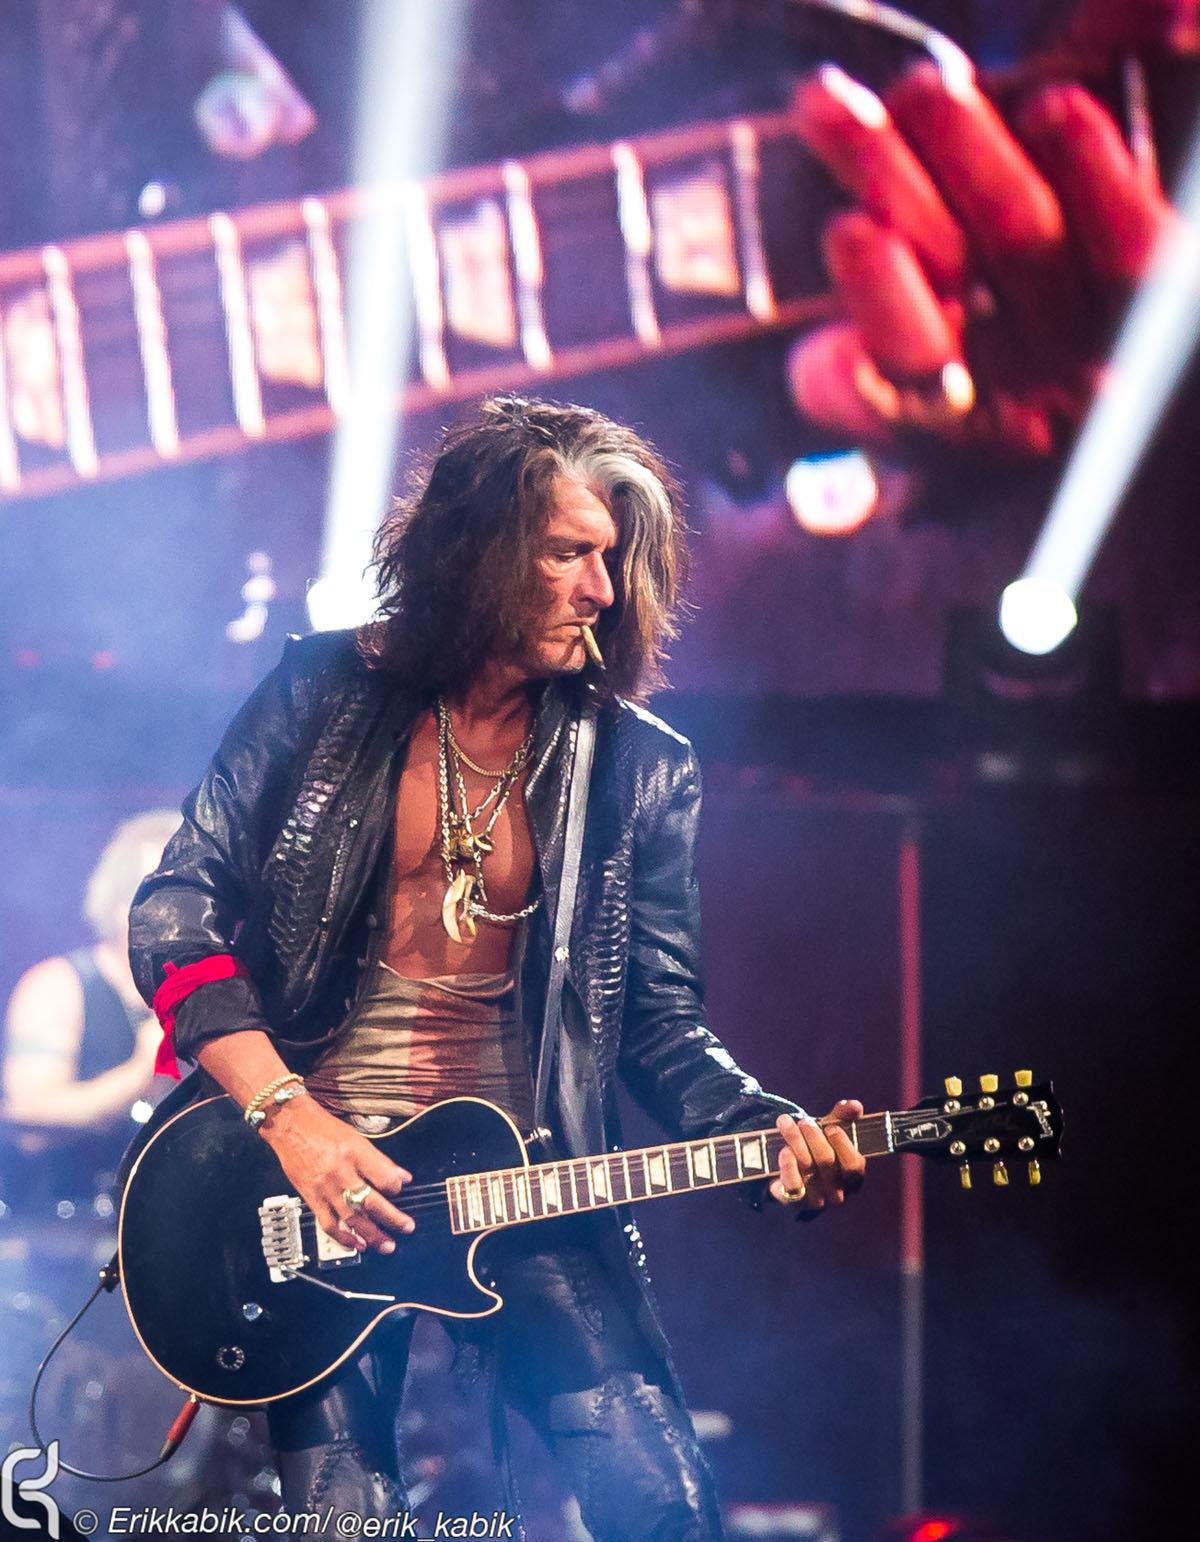 08_01_15_Aerosmith_MGM_kabik-172.jpg